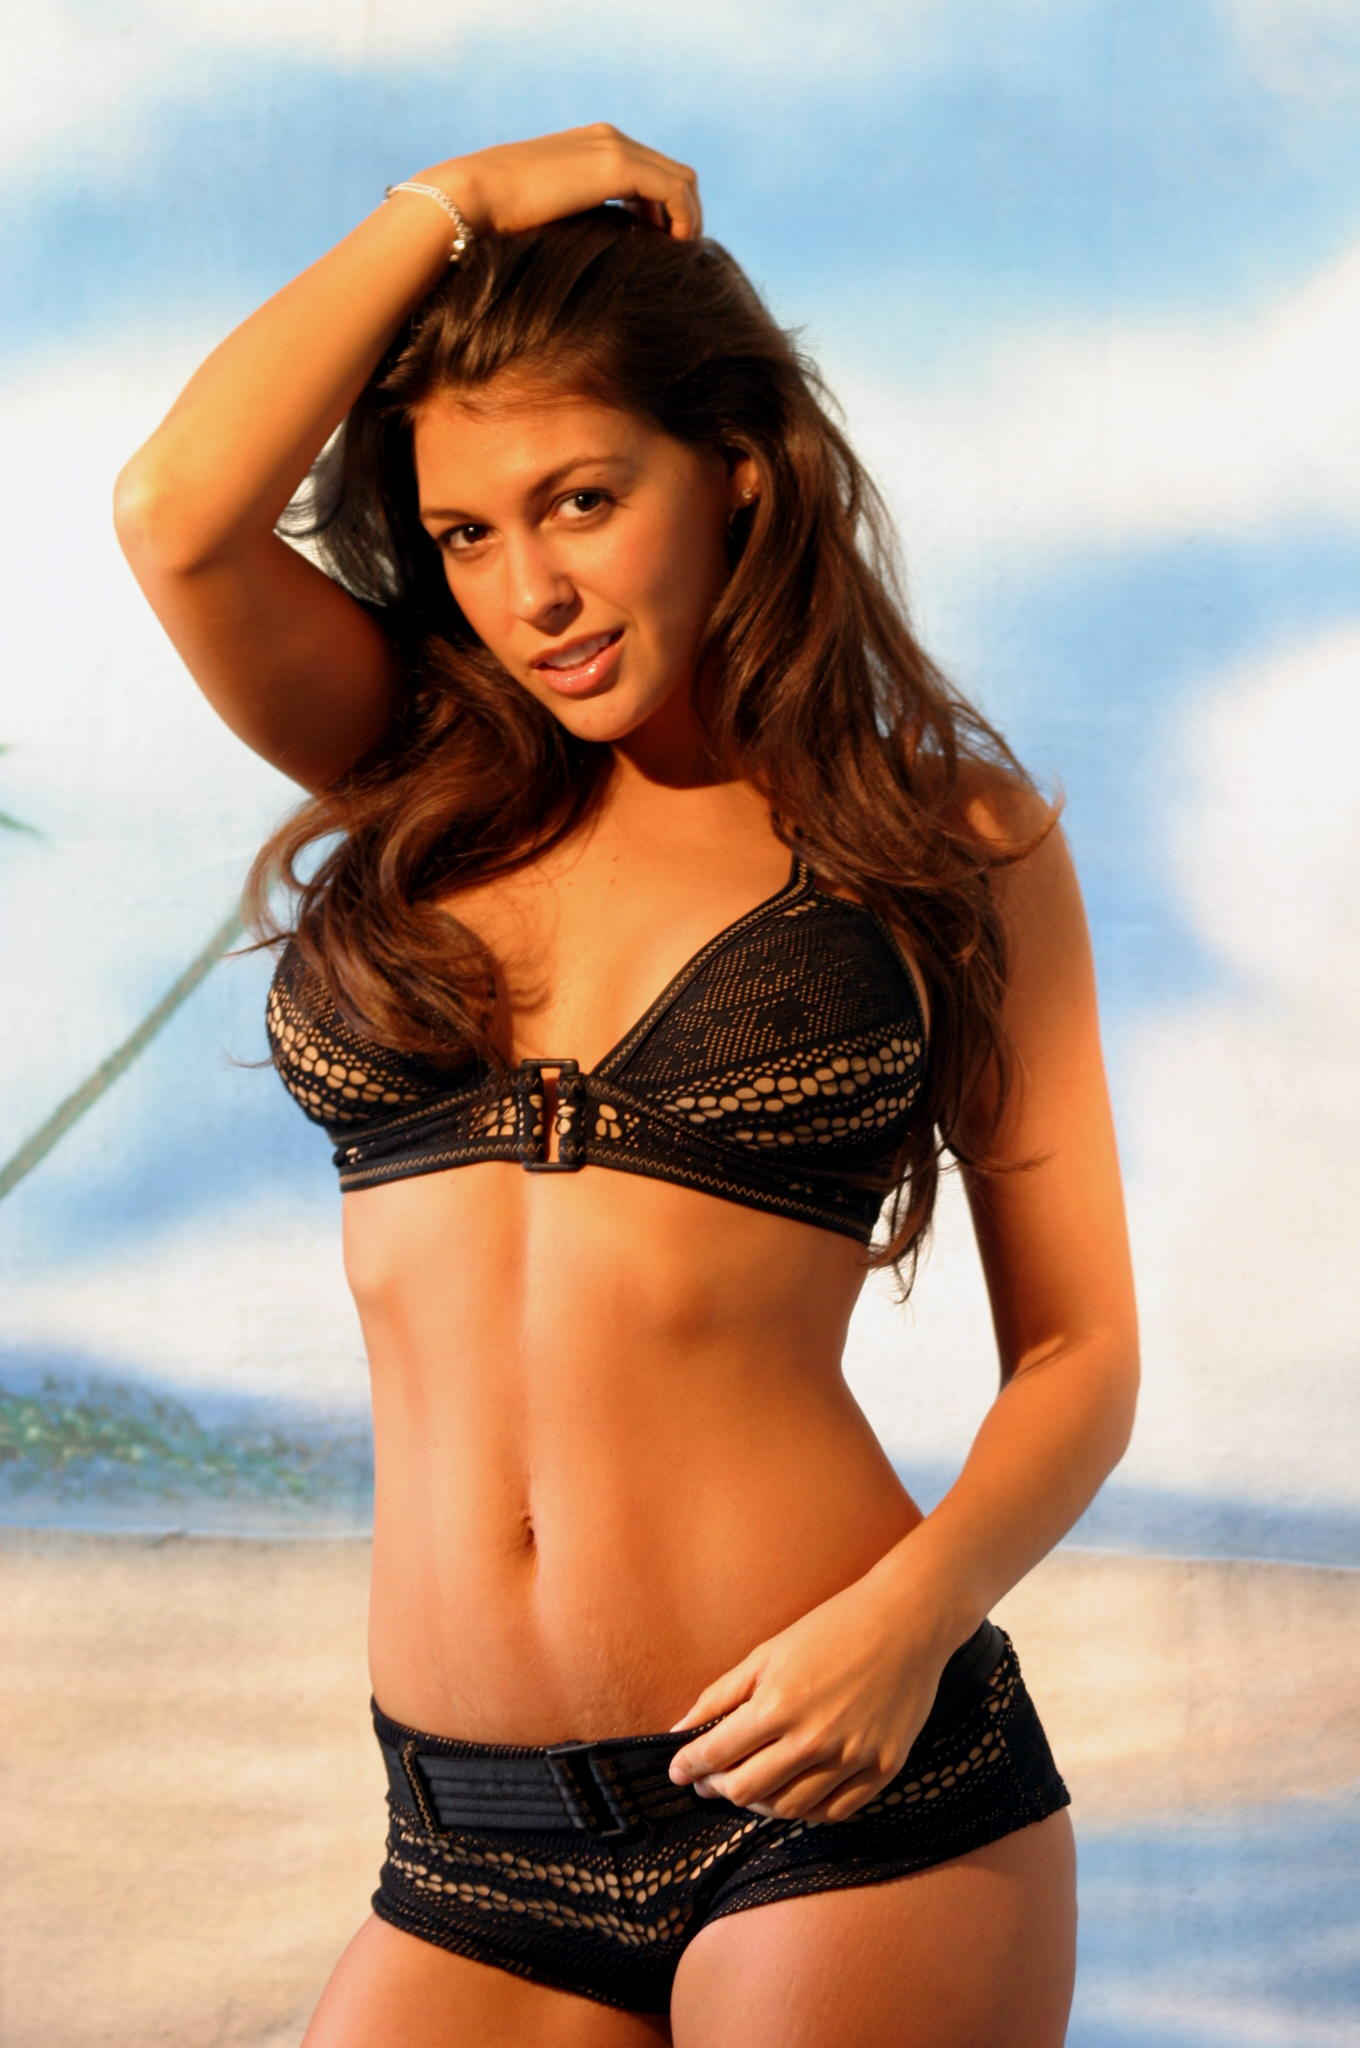 pic-of-nake-girl-tamil-xxx-sexy-movei